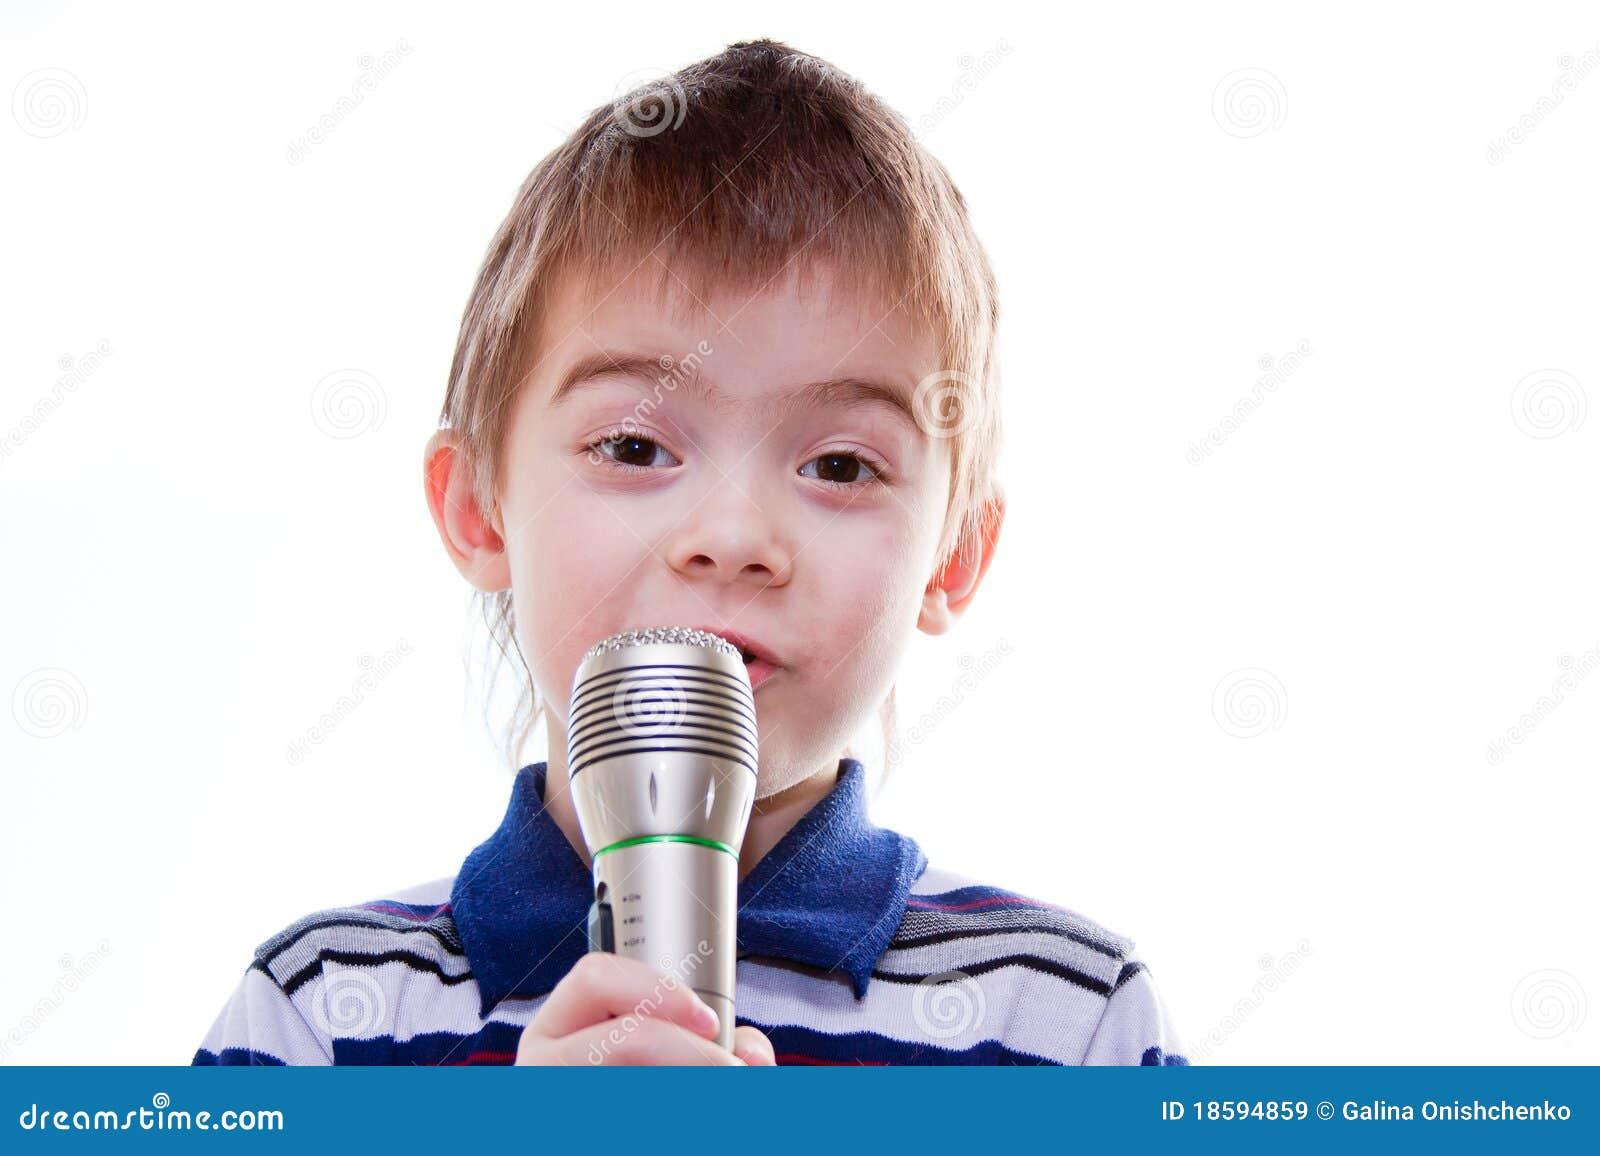 Ni o peque o con un micr fono en sus manos im genes de - Foto nino pequeno ...